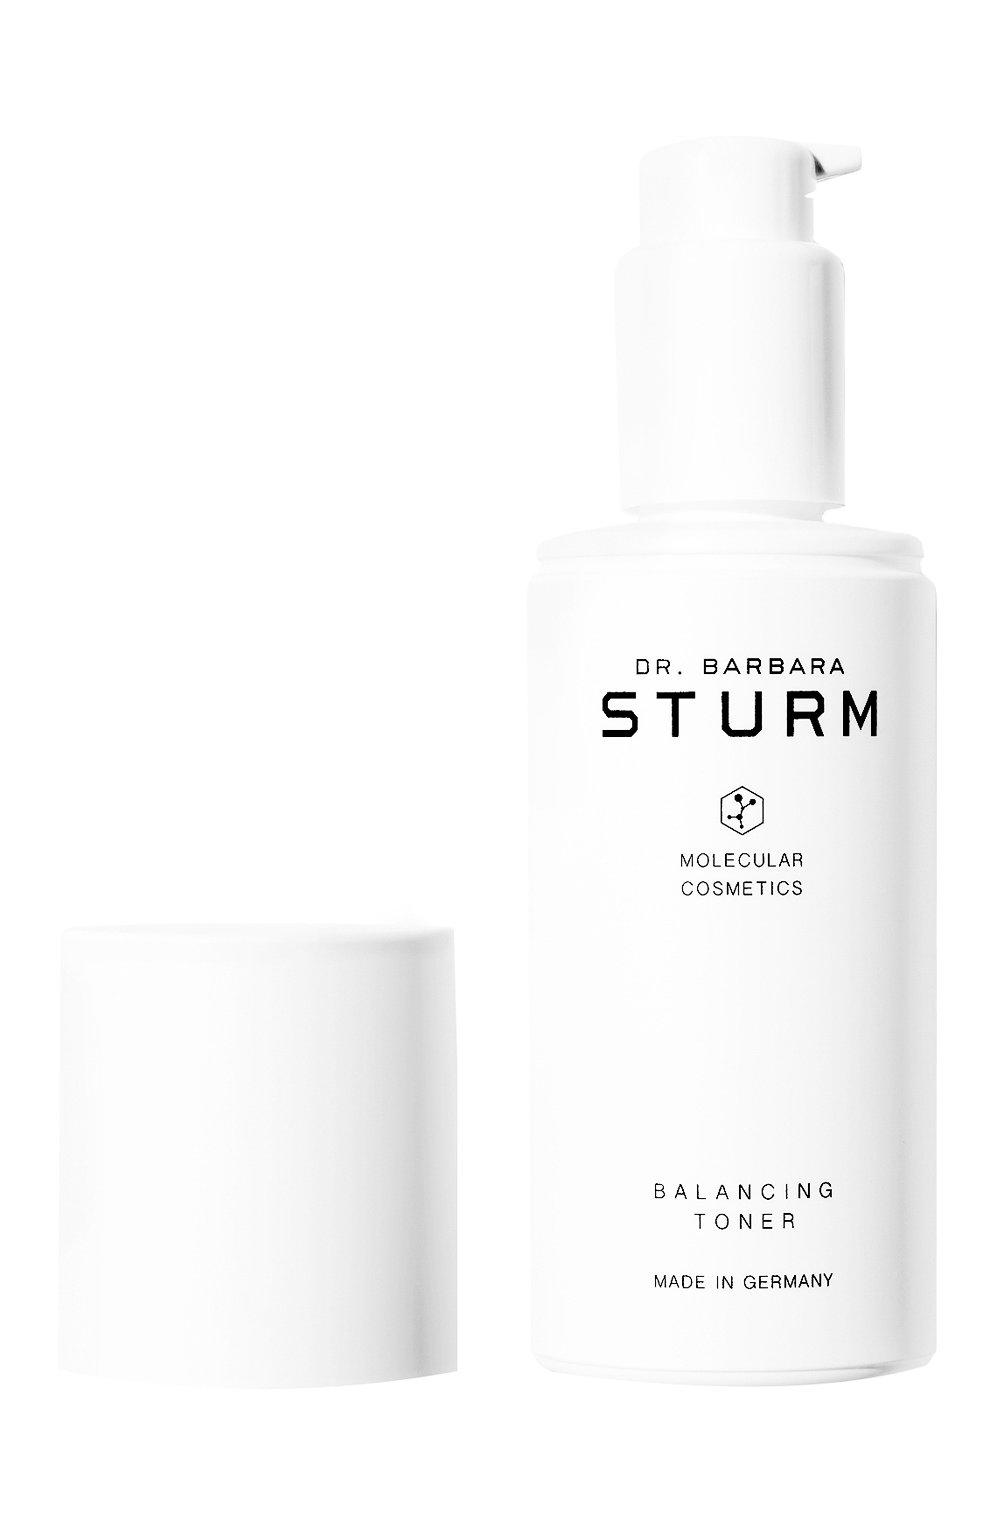 Увлажняющий и освежающий балансирующий тоник для лица balancing toner DR. BARBARA STURM бесцветного цвета, арт. 4260521261489 | Фото 2